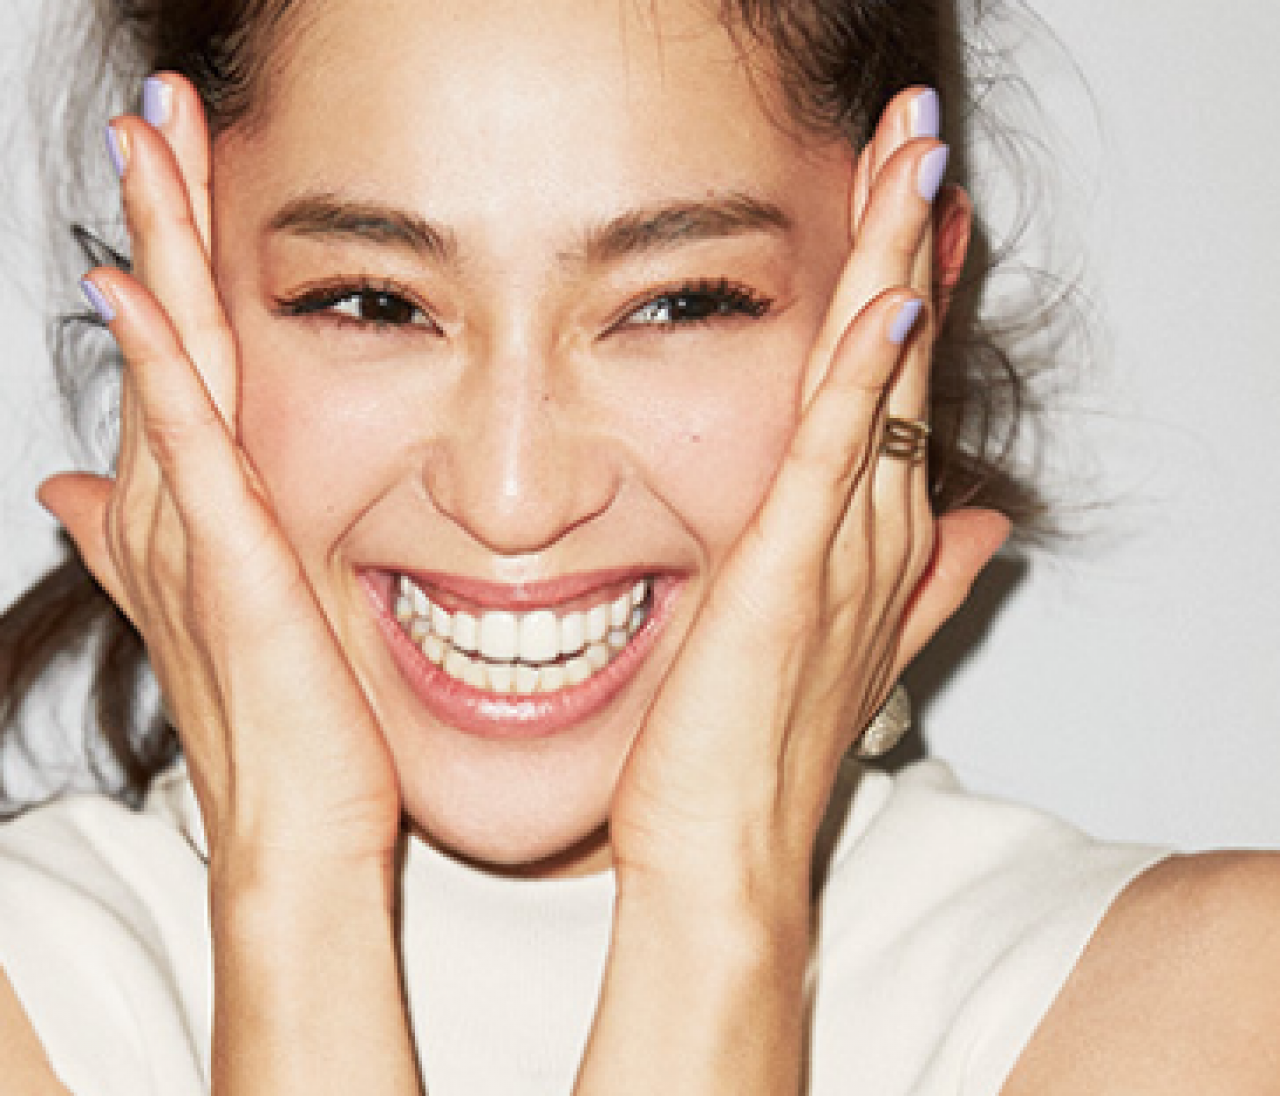 中村アン、30歳のリアルな恋愛観を語る!【祝★ドラマ初主演】